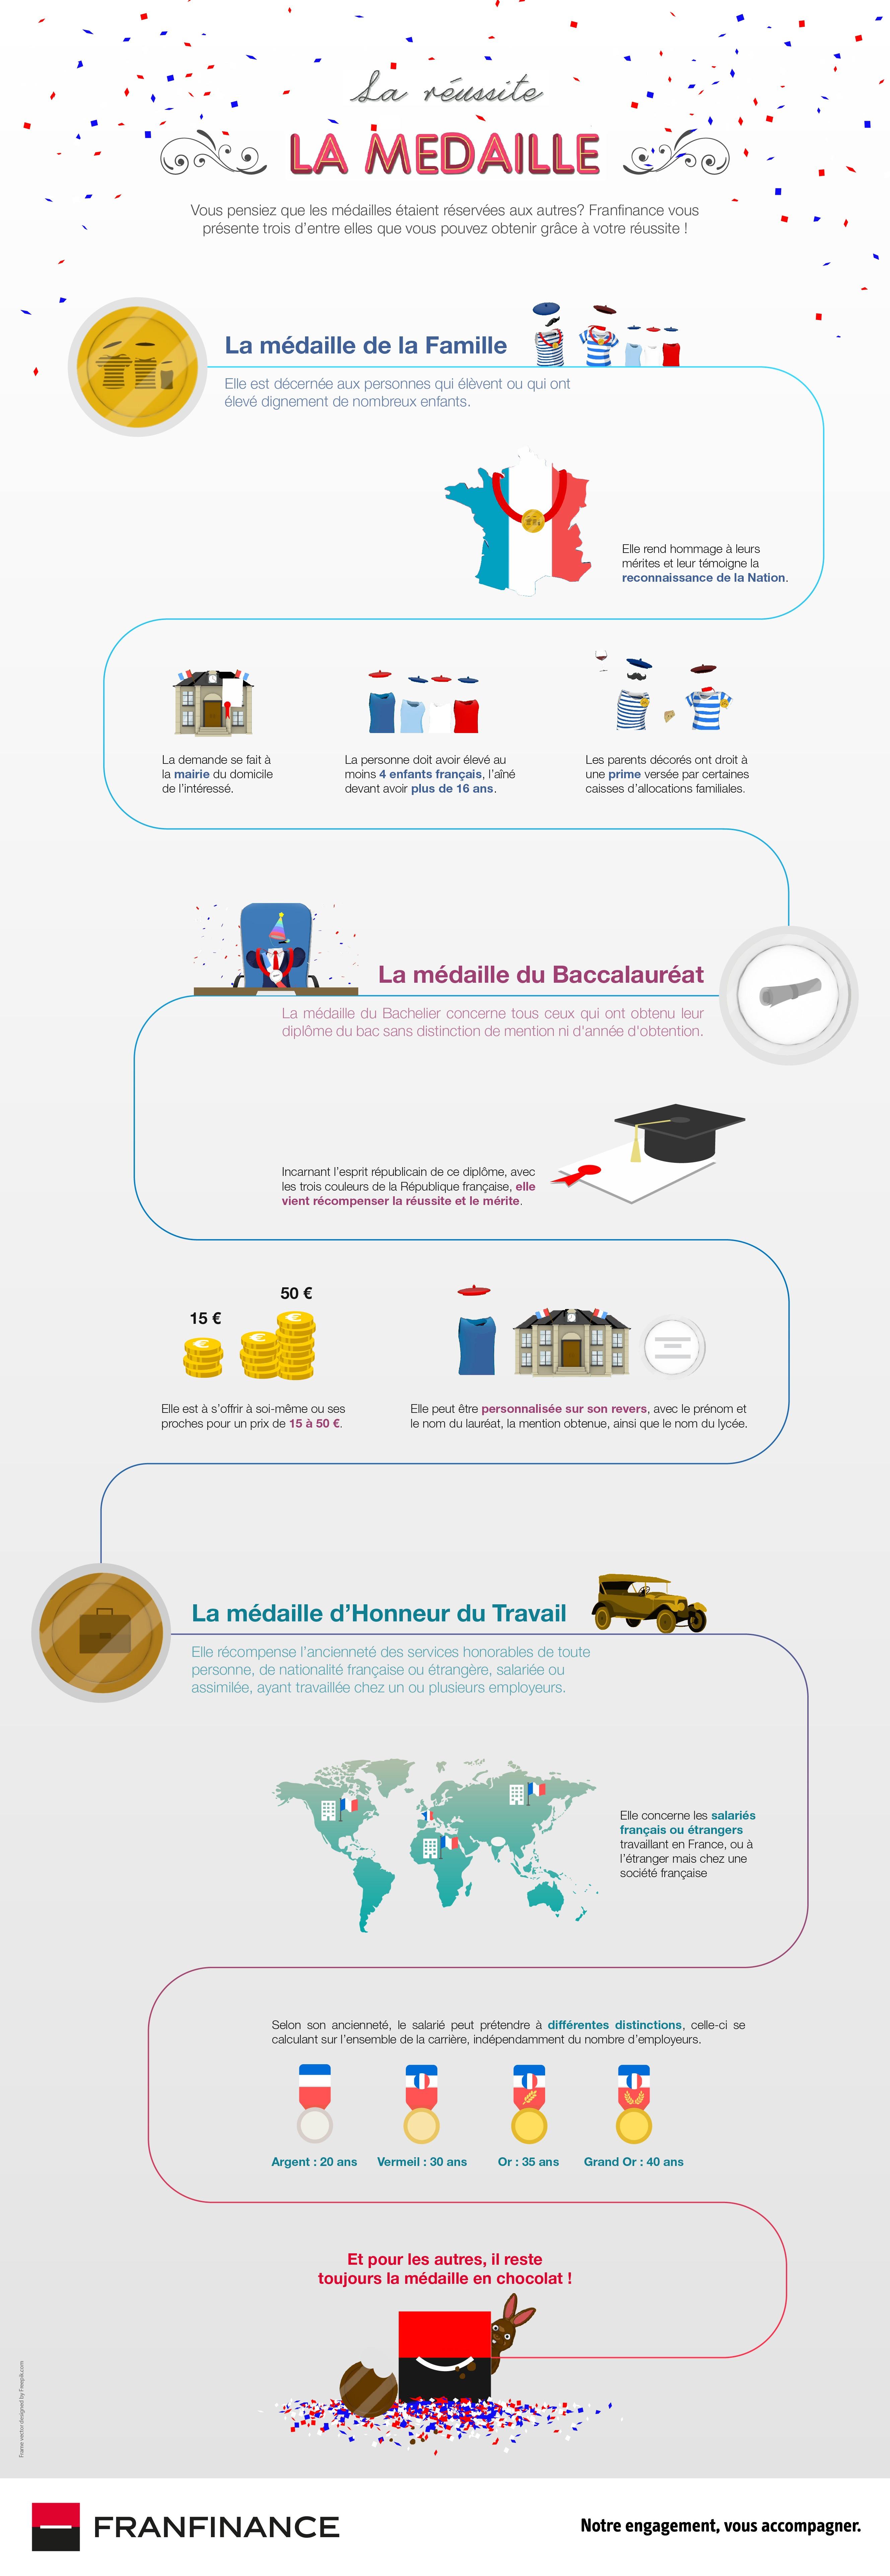 Franfinance_la_médaille-03